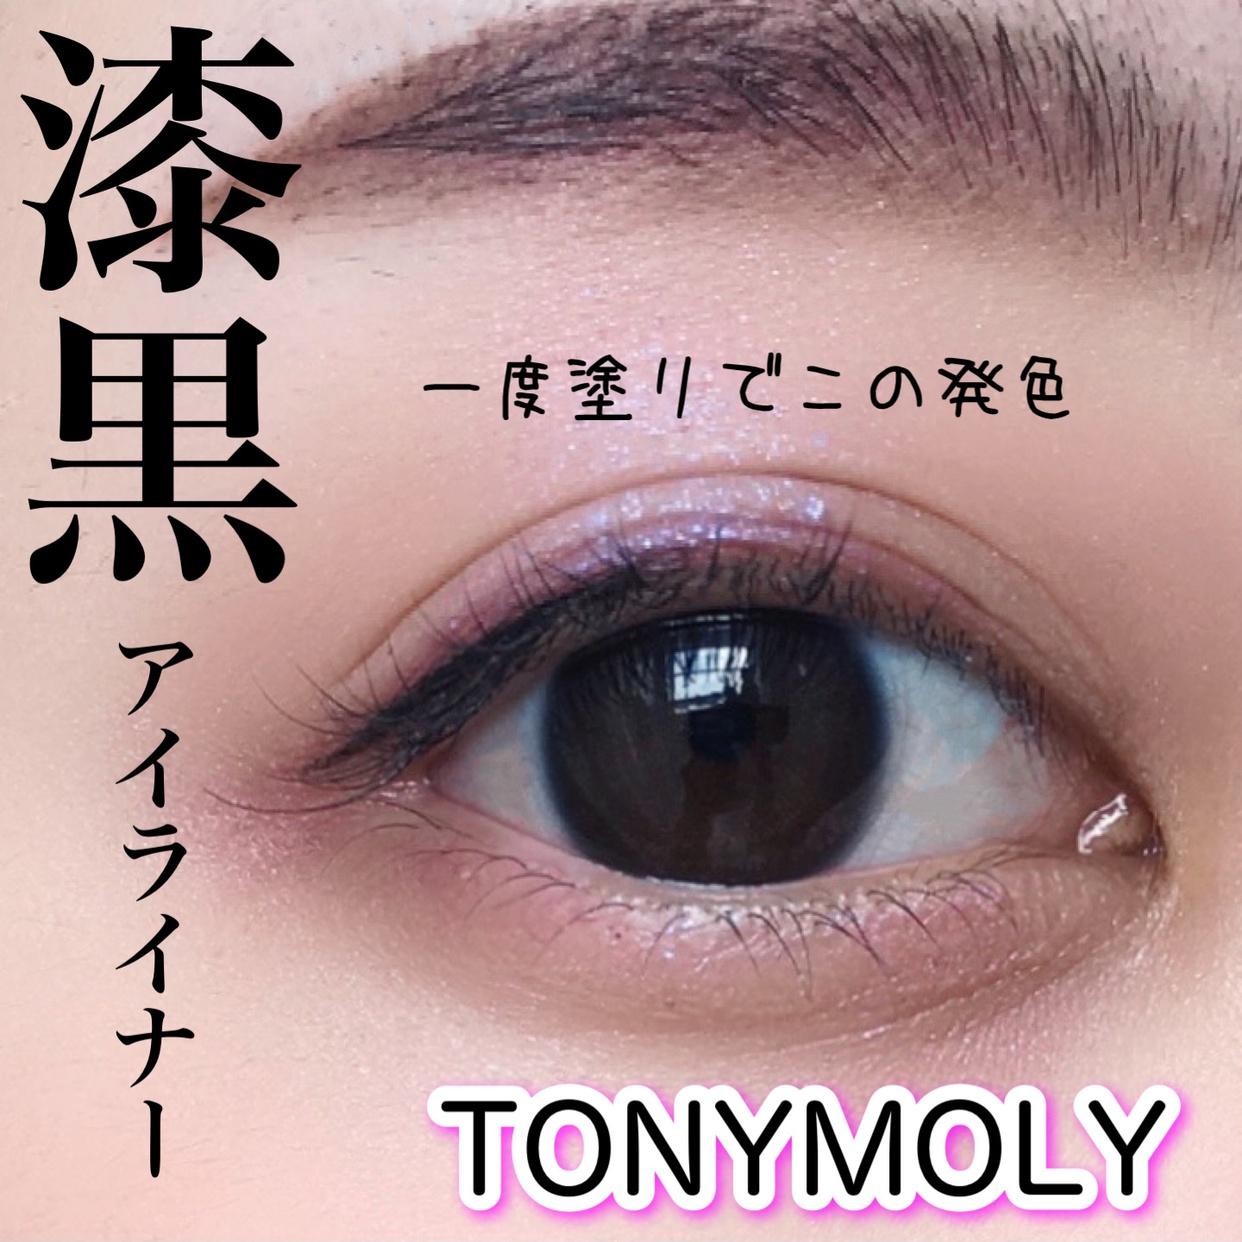 TONYMOLY(トニーモリー) バック ジェル ハイテク フラット ライナーを使ったyunaさんのクチコミ画像1